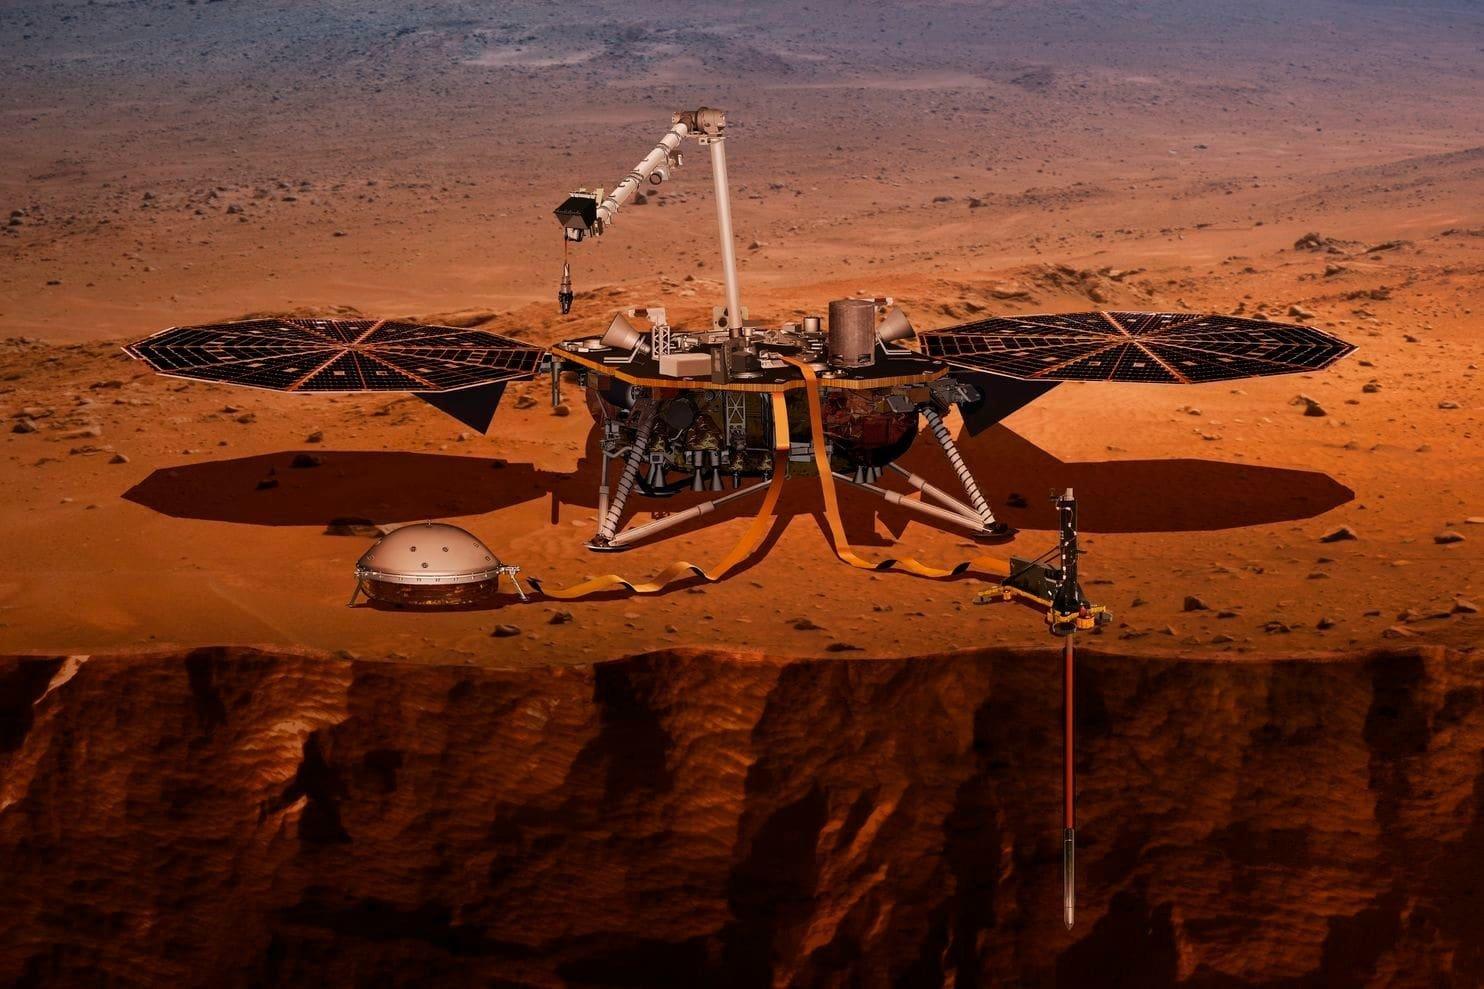 Опубликованы первые фотографии с поверхности Марса (4)